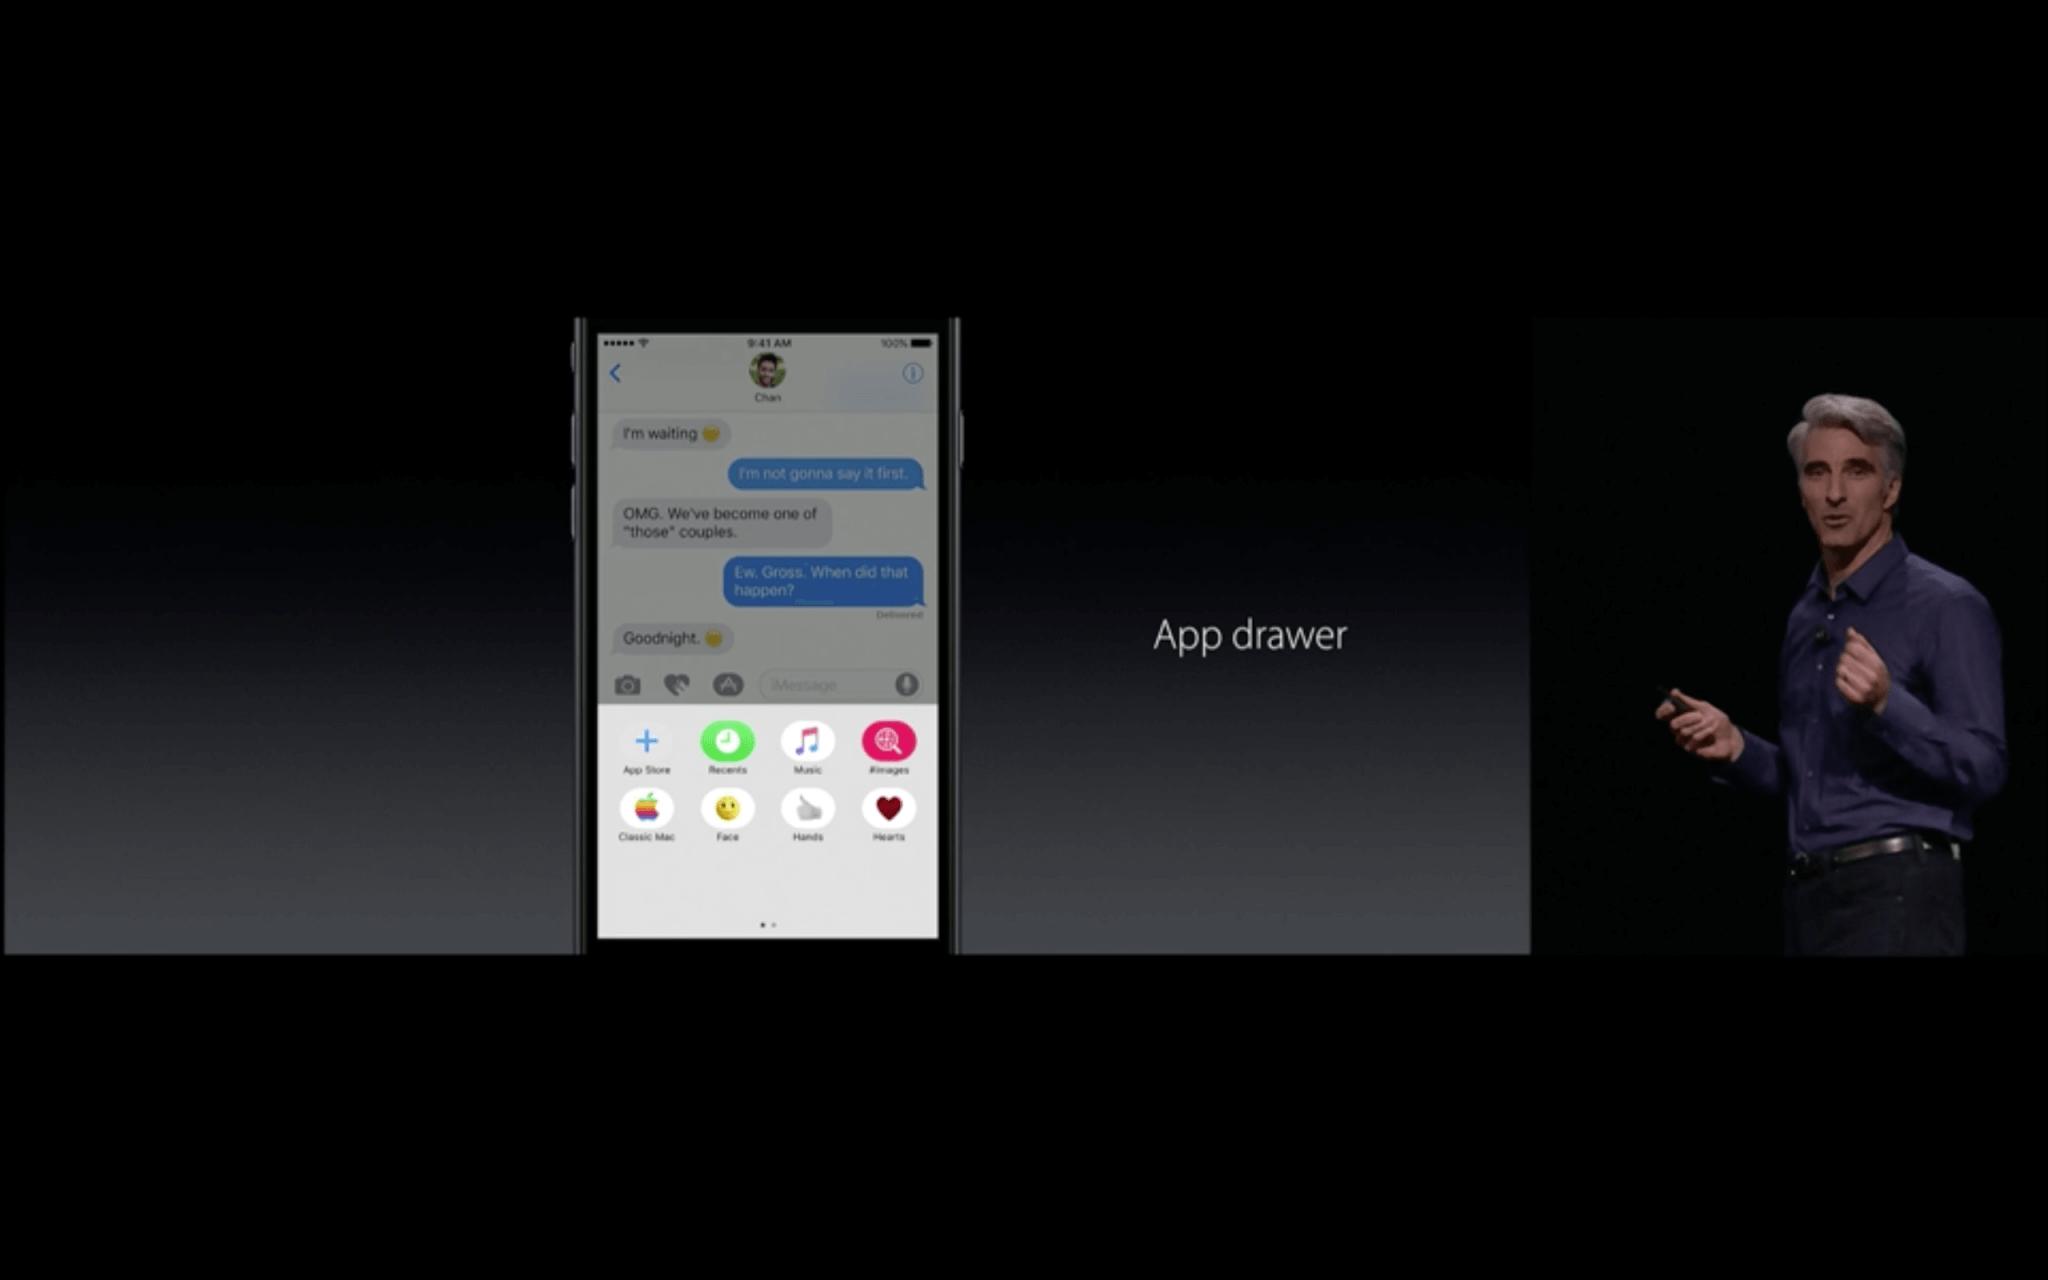 WWDC: Die Nachrichten-App bekommt einen internen Store, über den Erweiterungen wie Sticker bezogen werden können (Screenshot von Apples Livestream)